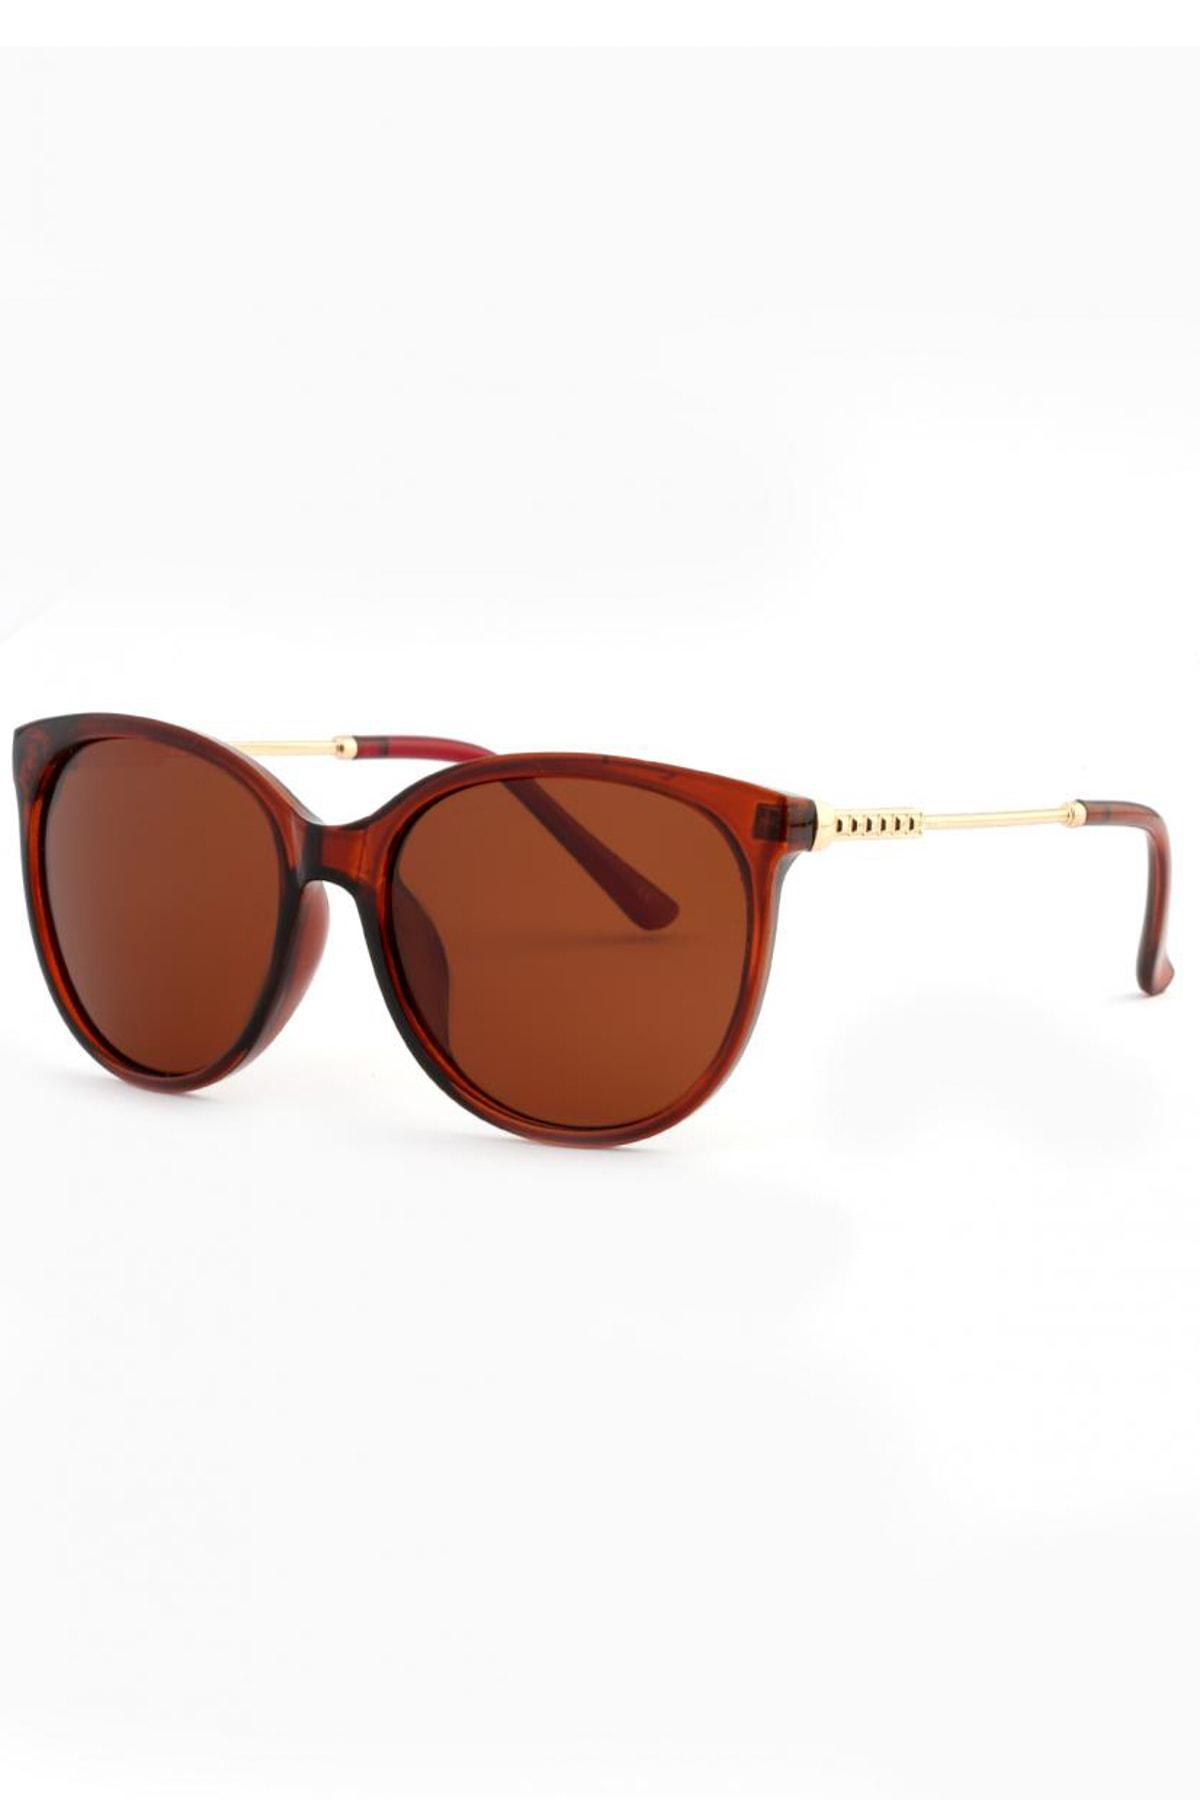 خرید انلاین عینک آفتابی زیبا زنانه برند Polo U.K. رنگ نقره کد ty35103681